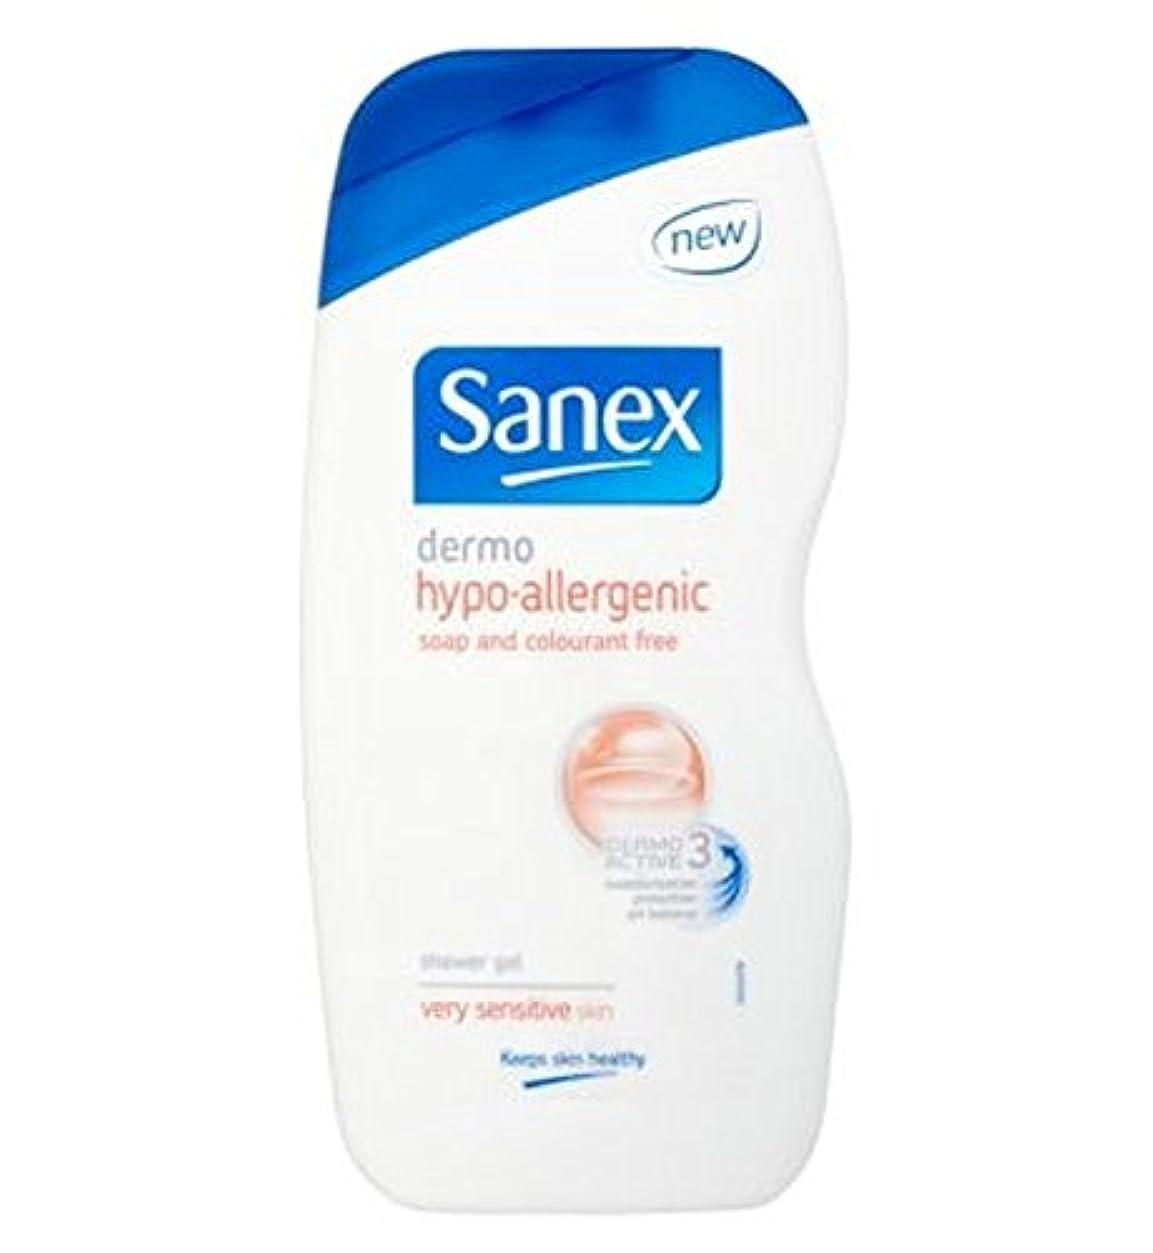 メタンパース同時Sanex低刺激性のシャワージェル500ミリリットル (Sanex) (x2) - Sanex Hypoallergenic Shower Gel 500ml (Pack of 2) [並行輸入品]